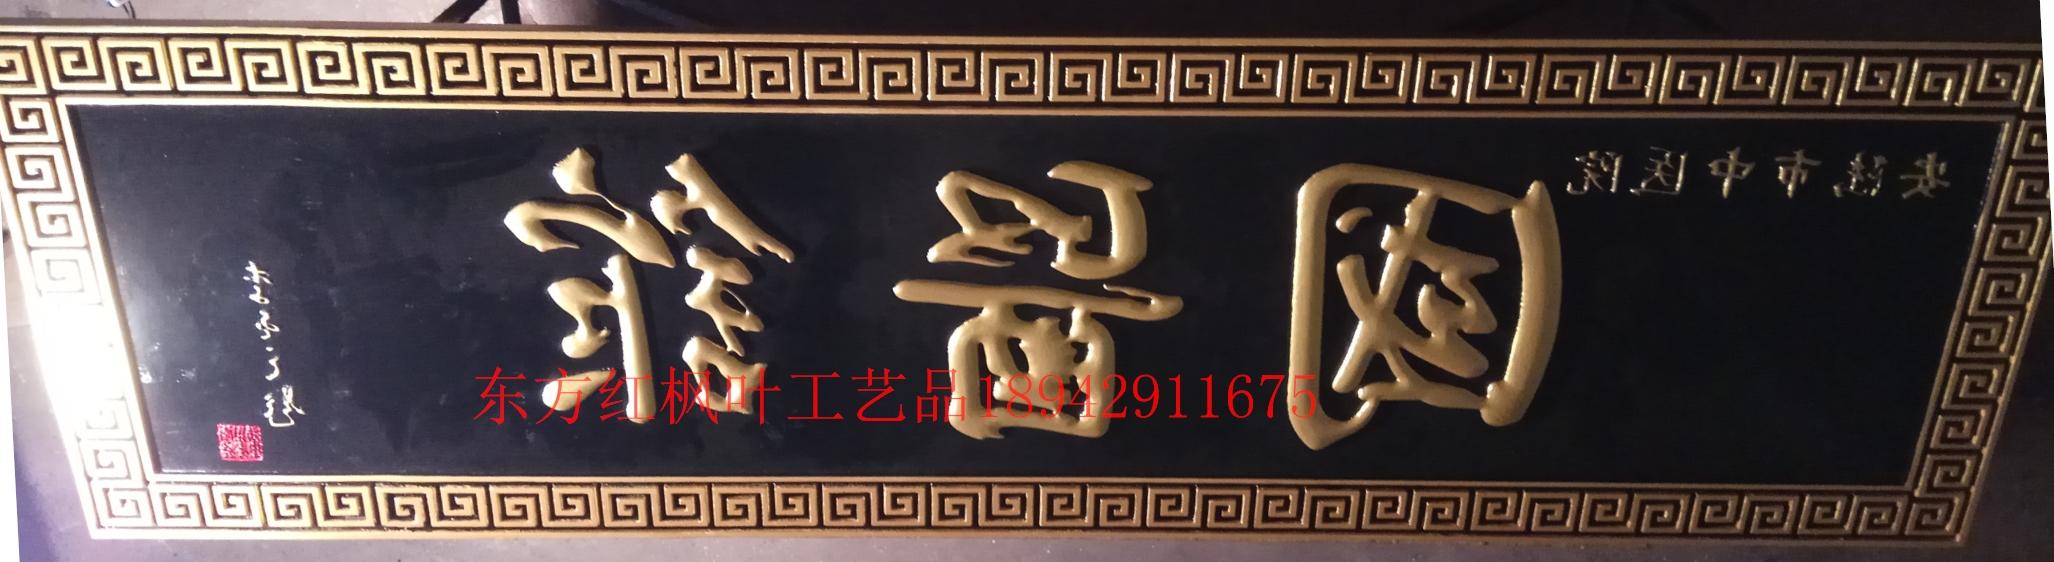 宜昌实木牌匾、对联制作,来图定制、厂家发货